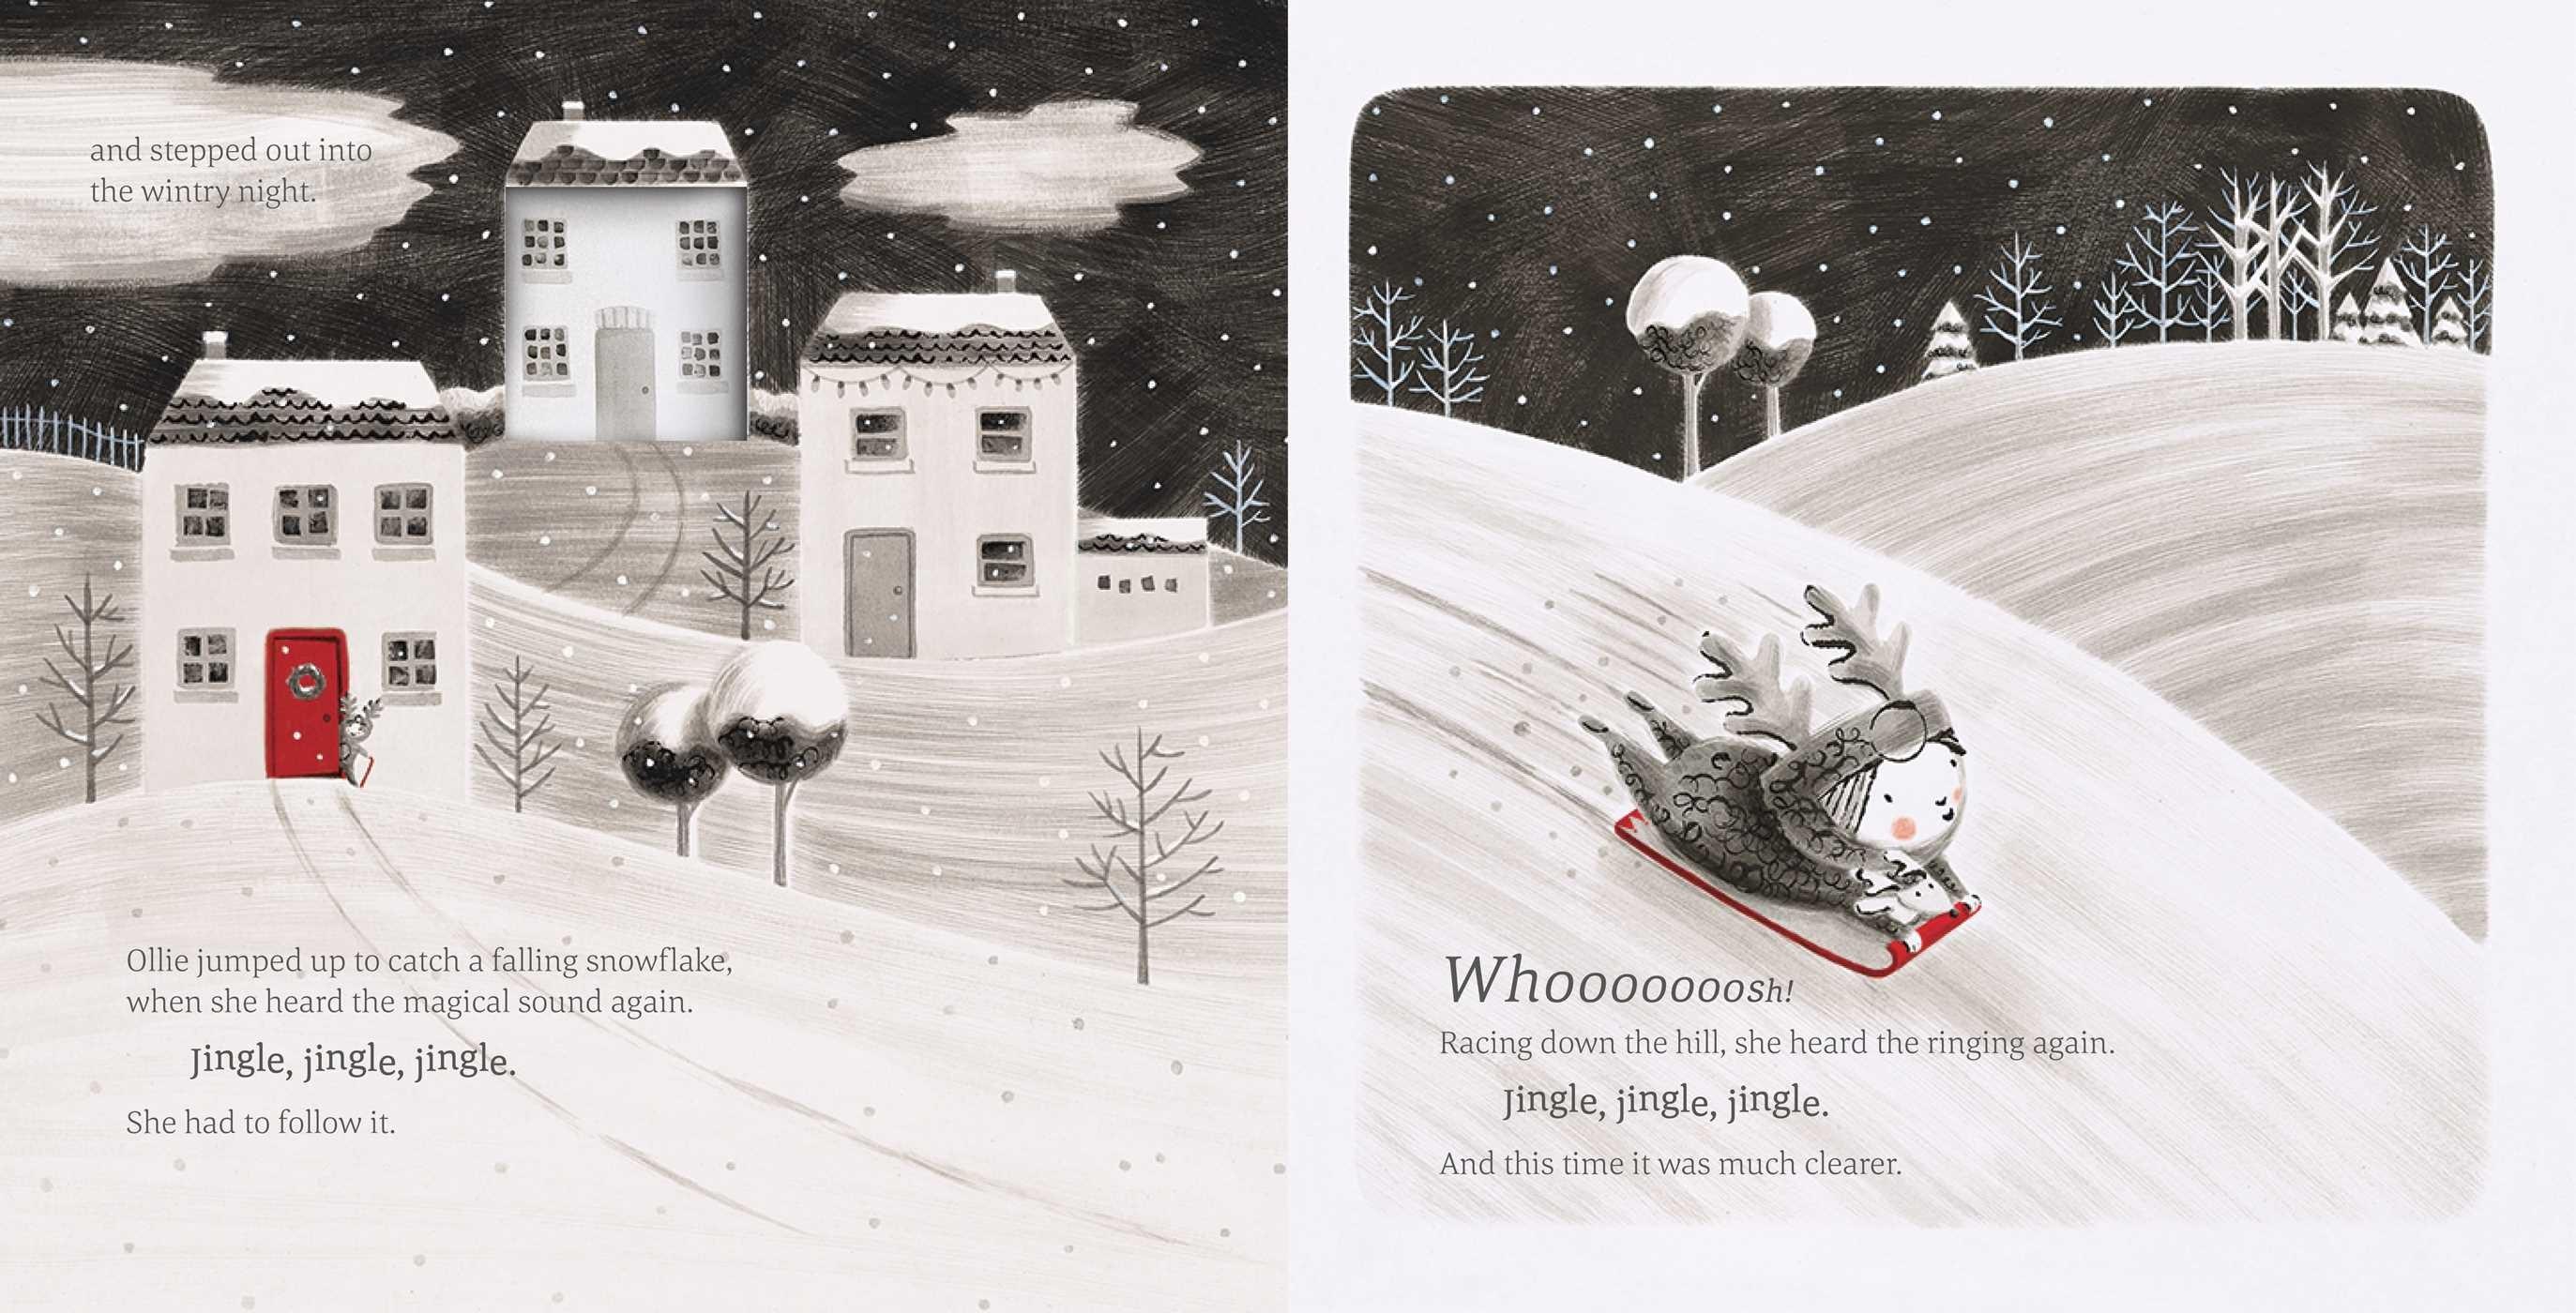 The little reindeer 9781481486866.in02